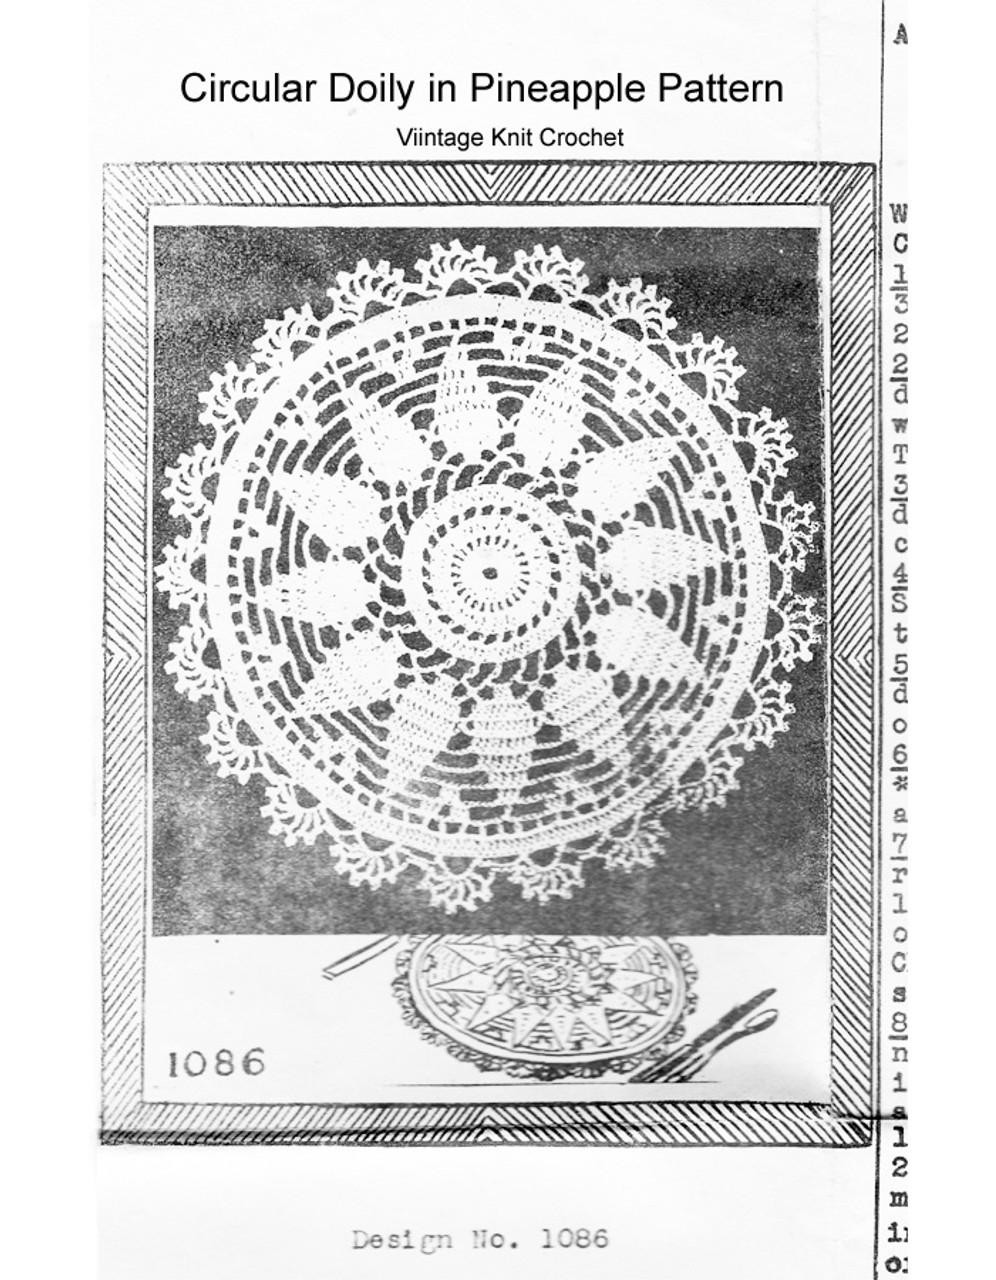 Scalloped Pineapple Crochet Doily Pattern Mail Order E-1086